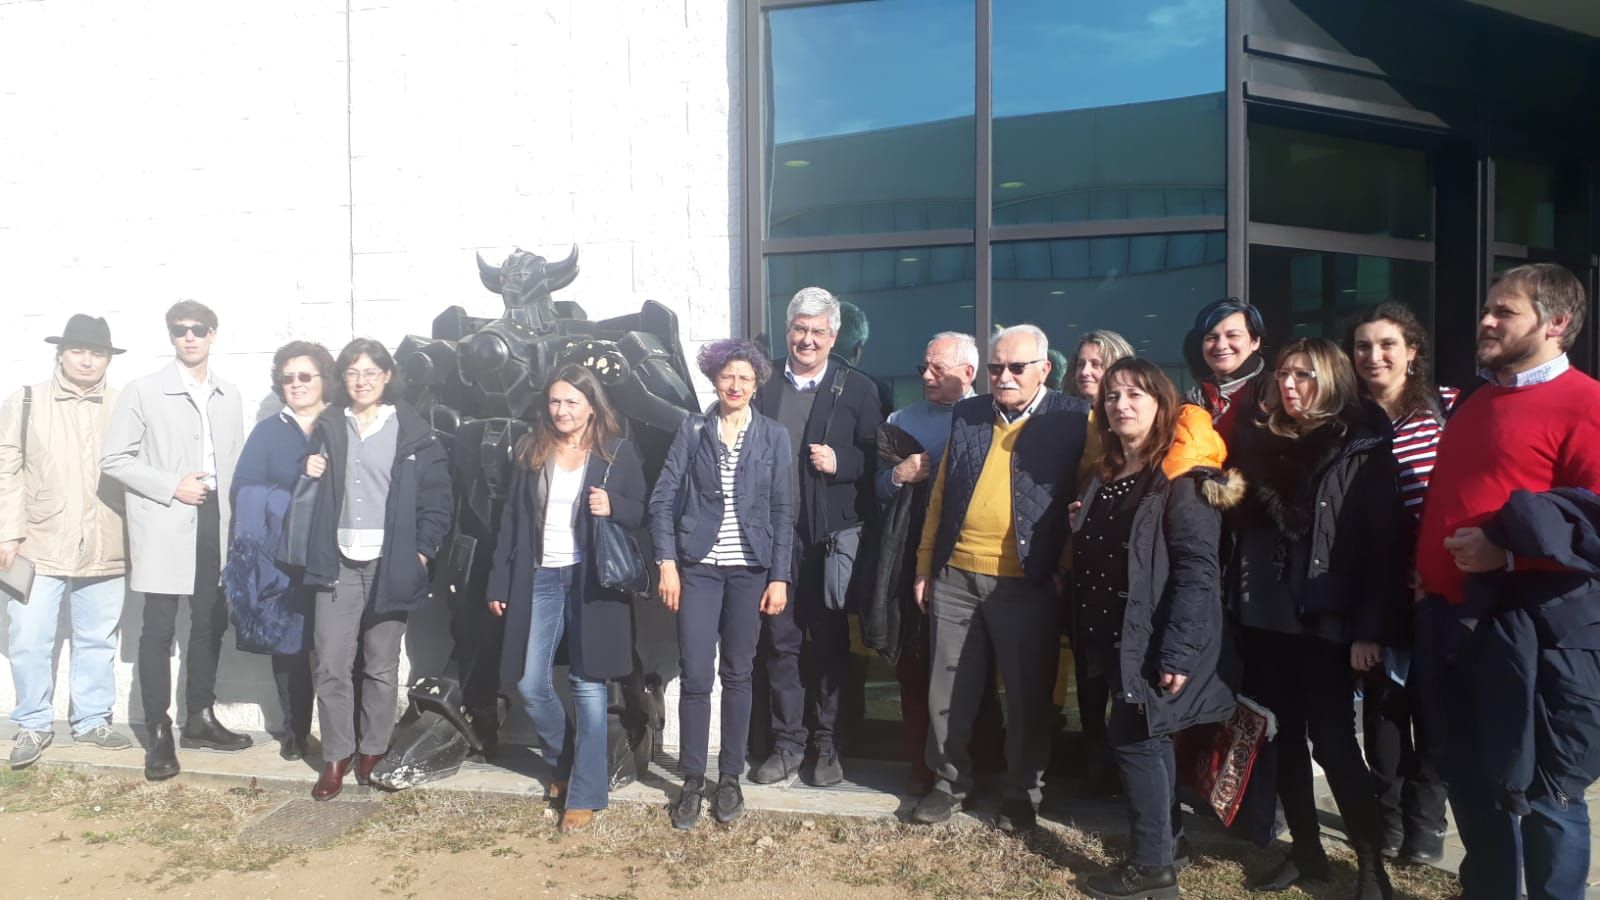 BALDISSERO - Insegnanti e presidi in visita alla Space 2000 - FOTO